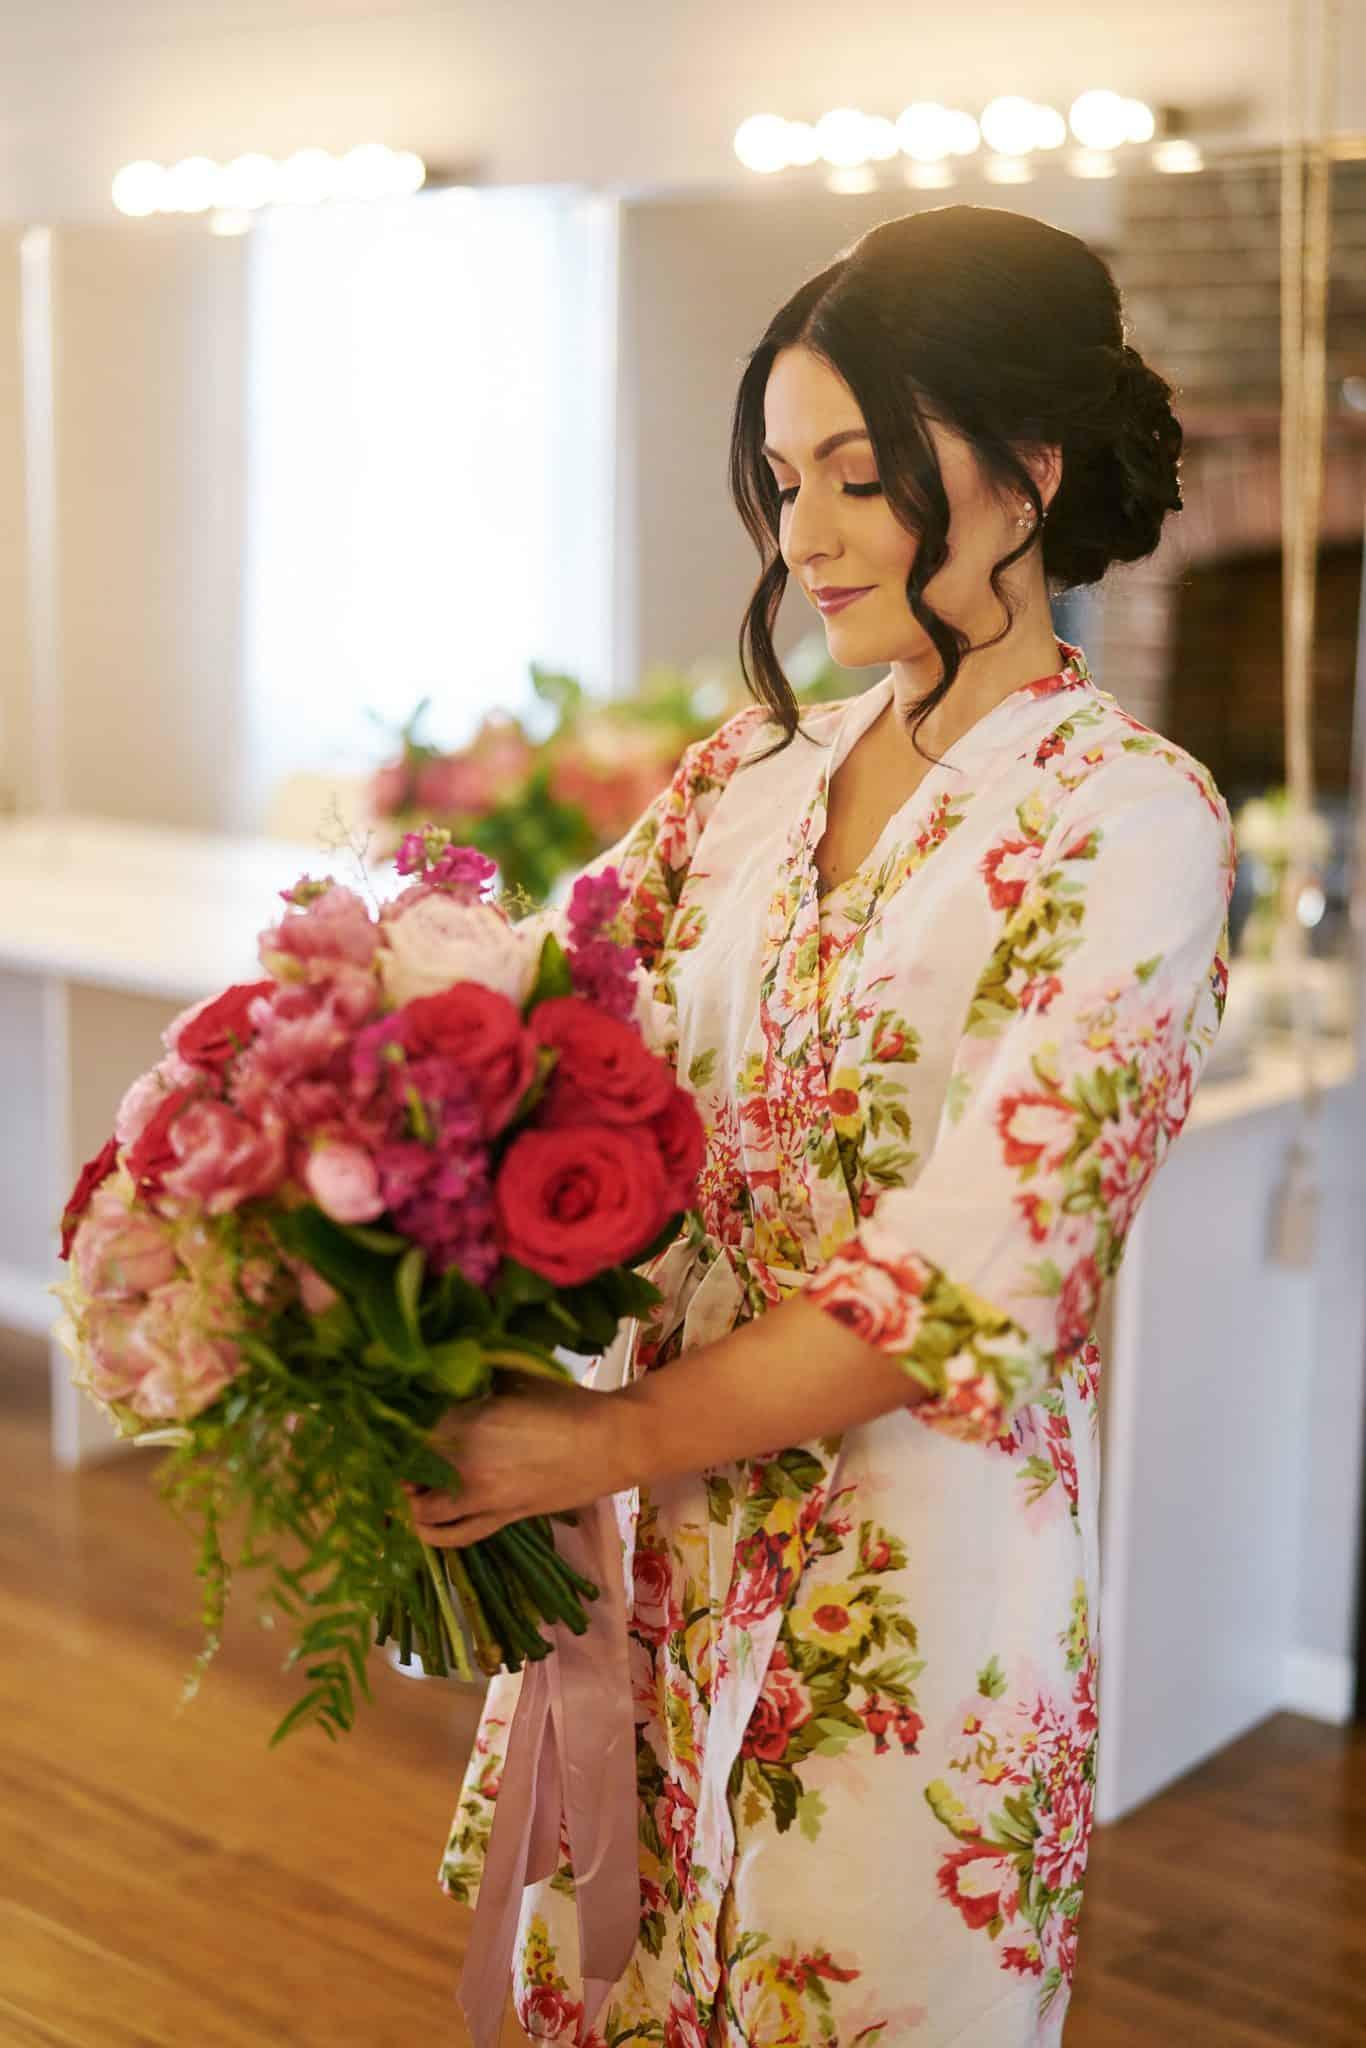 adam_adele_burnham_grove_wedding0005-1366x2048.jpg